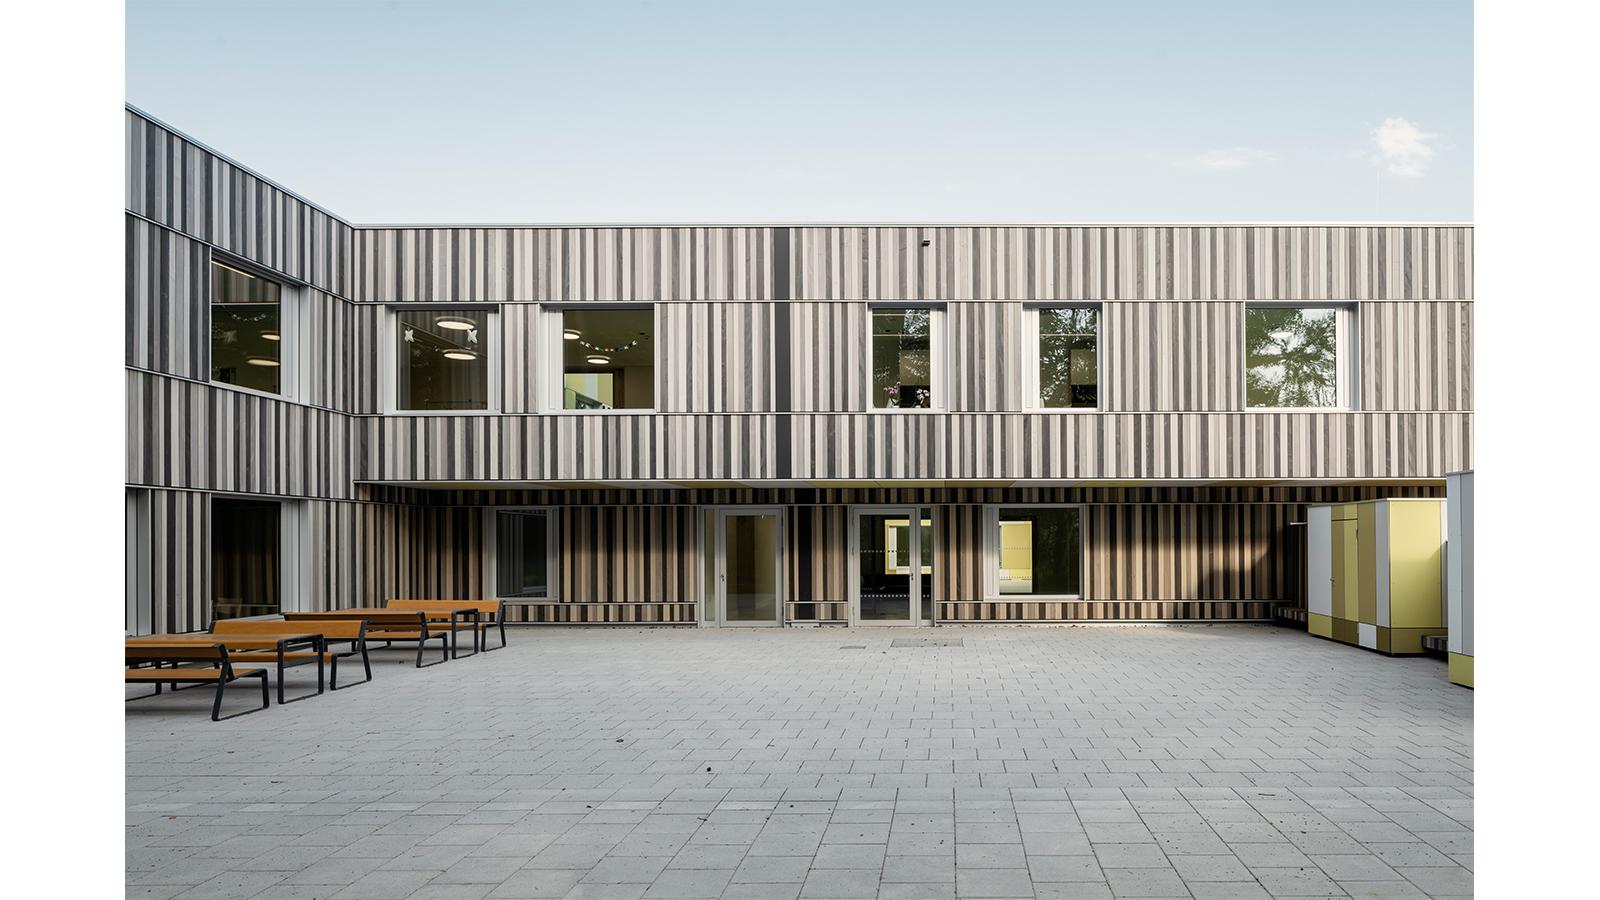 h2m-architekten-kinder-und-jugendpsychiatrie-geschuetzter-innenhof